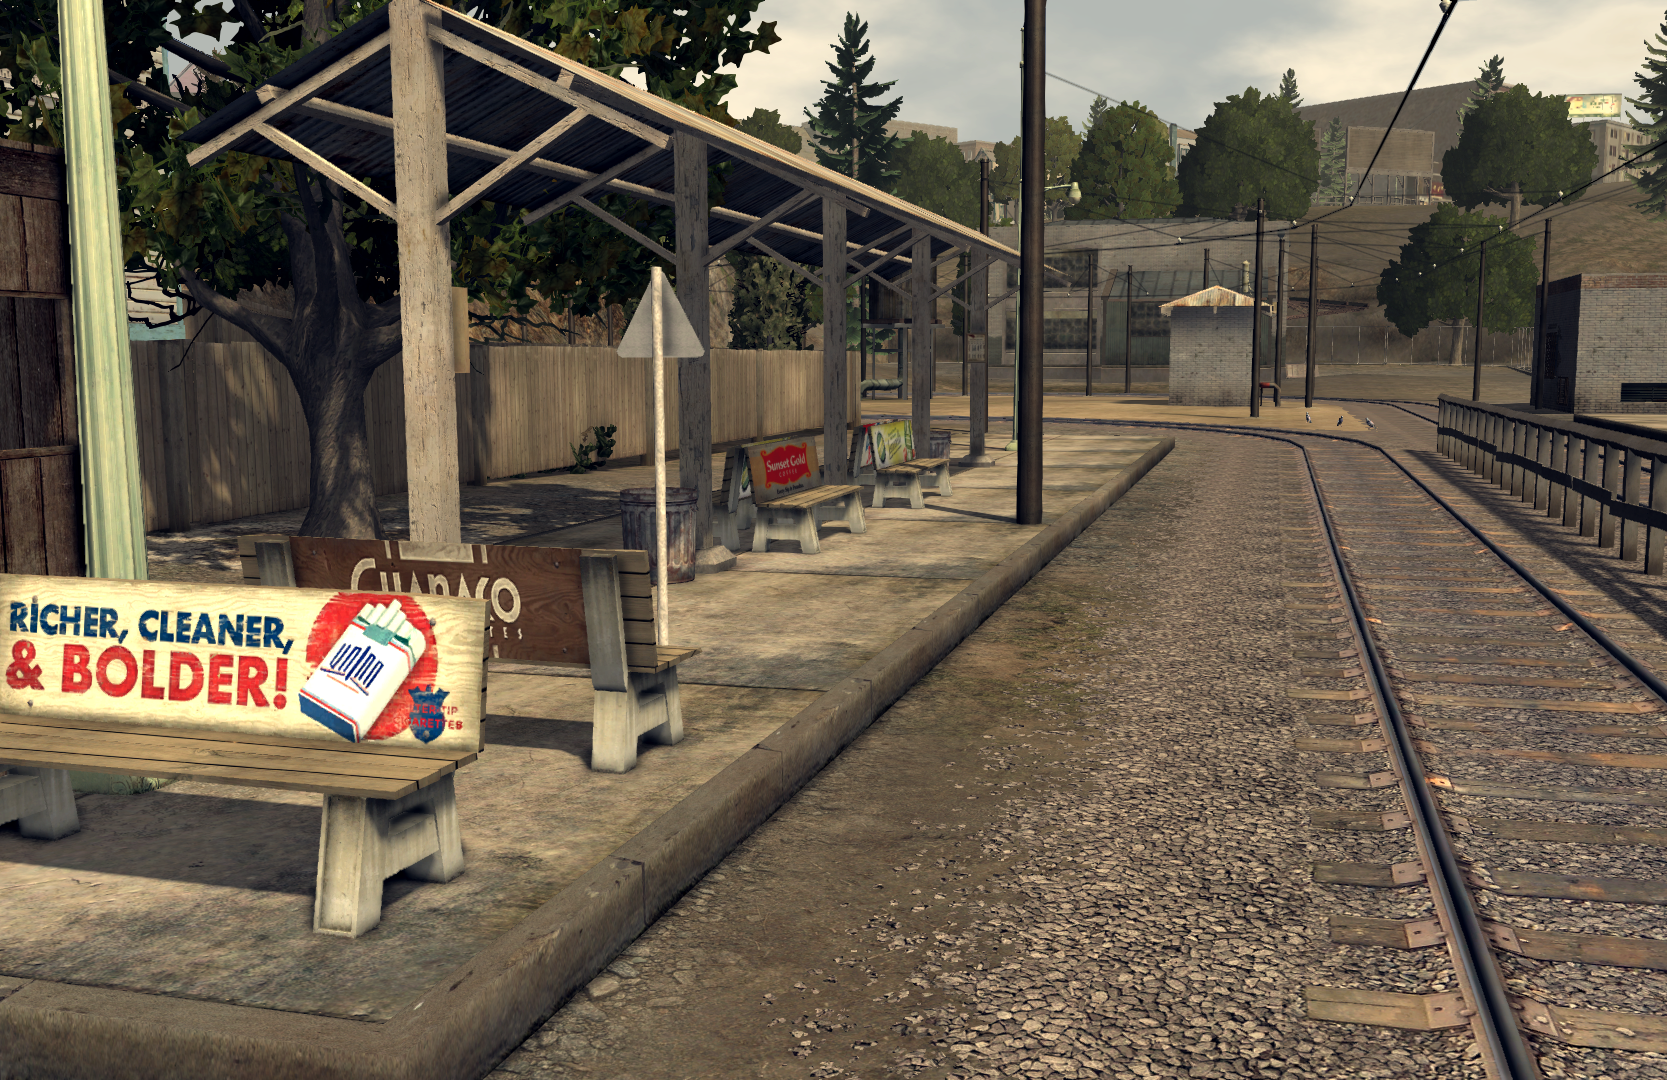 Lucas Avenue Trolley Station